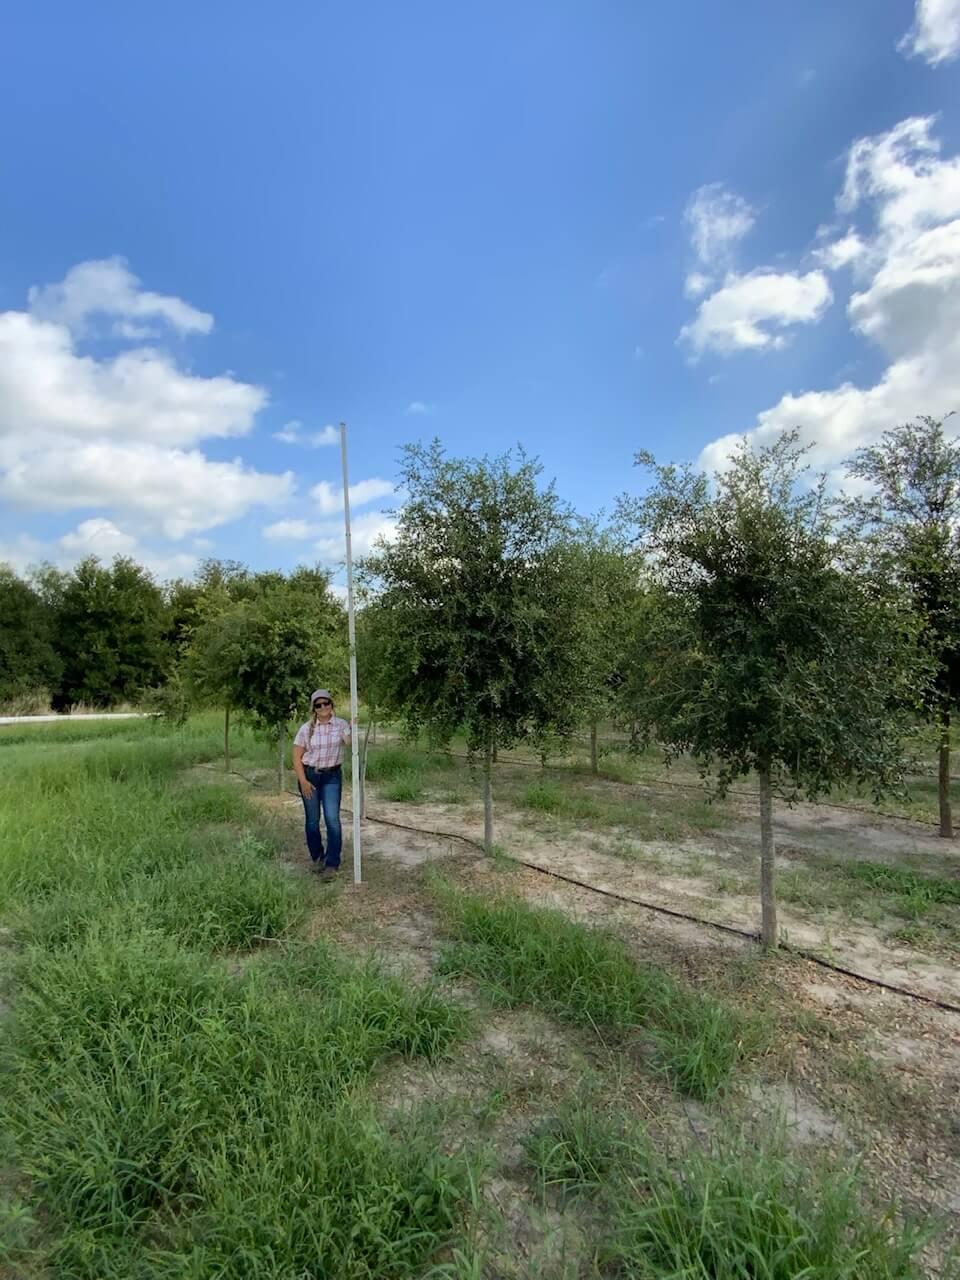 4 inch live oak trees